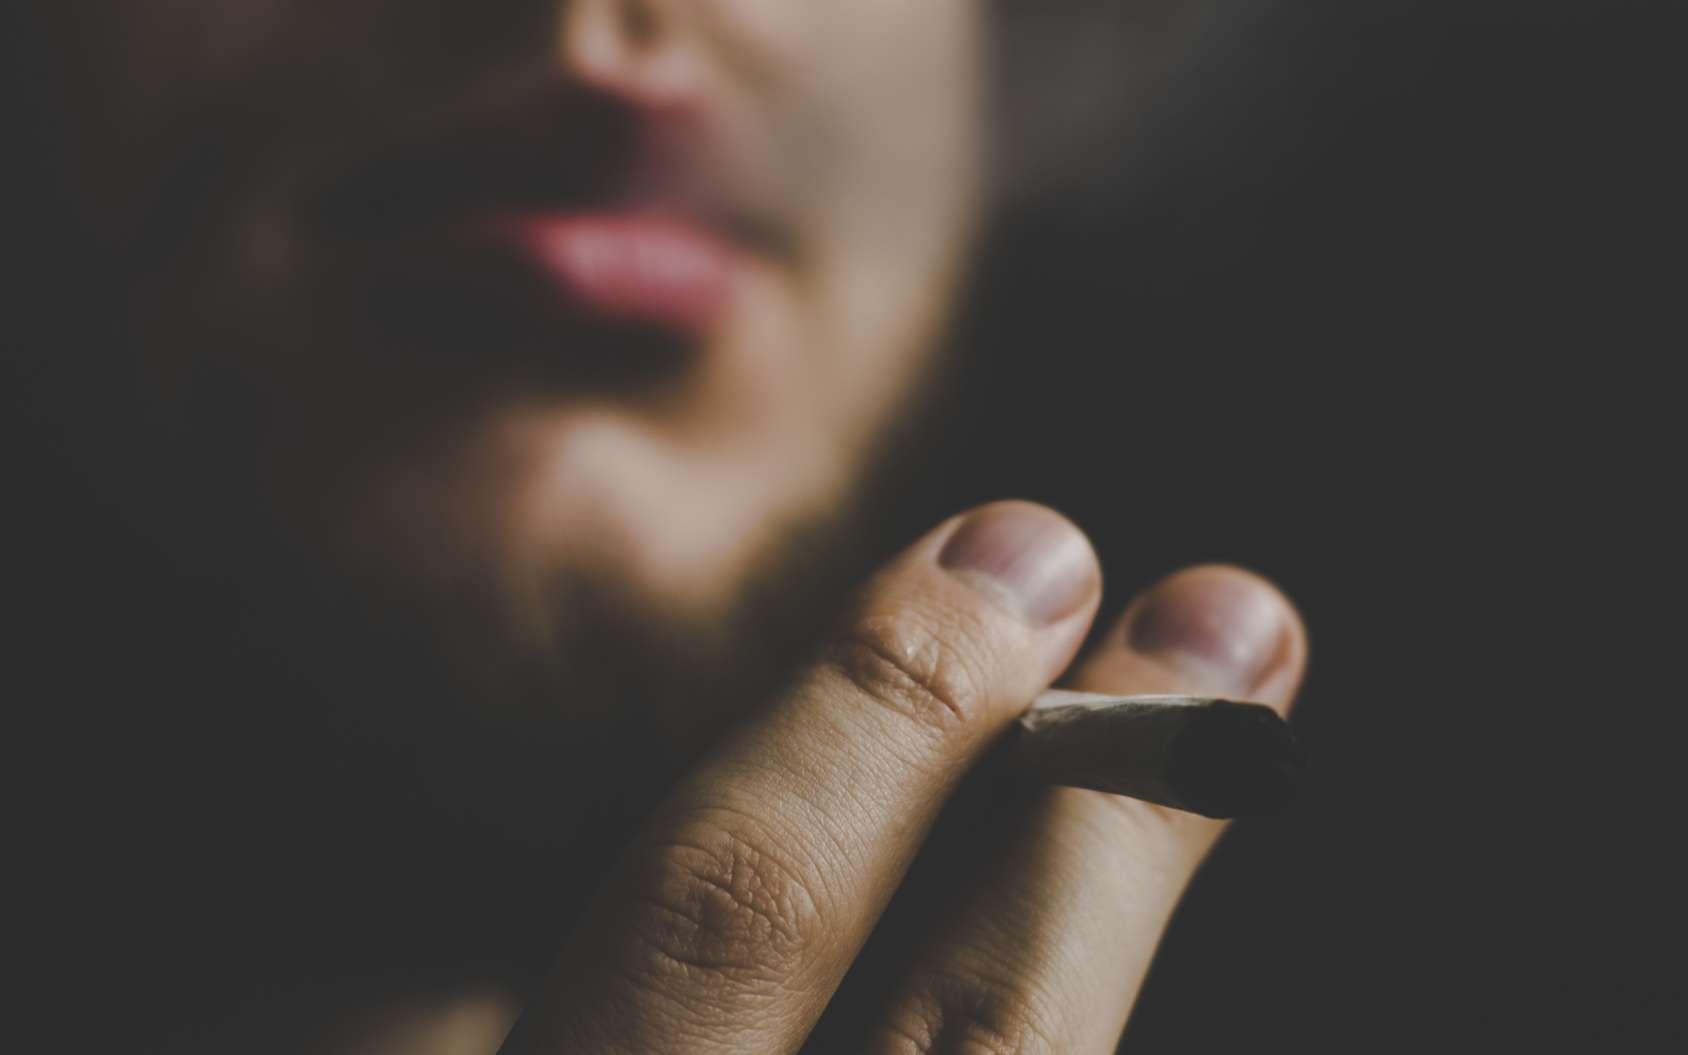 Le tabac et l'alcool sont considérés comme des drogues. © cendeced, fotolia